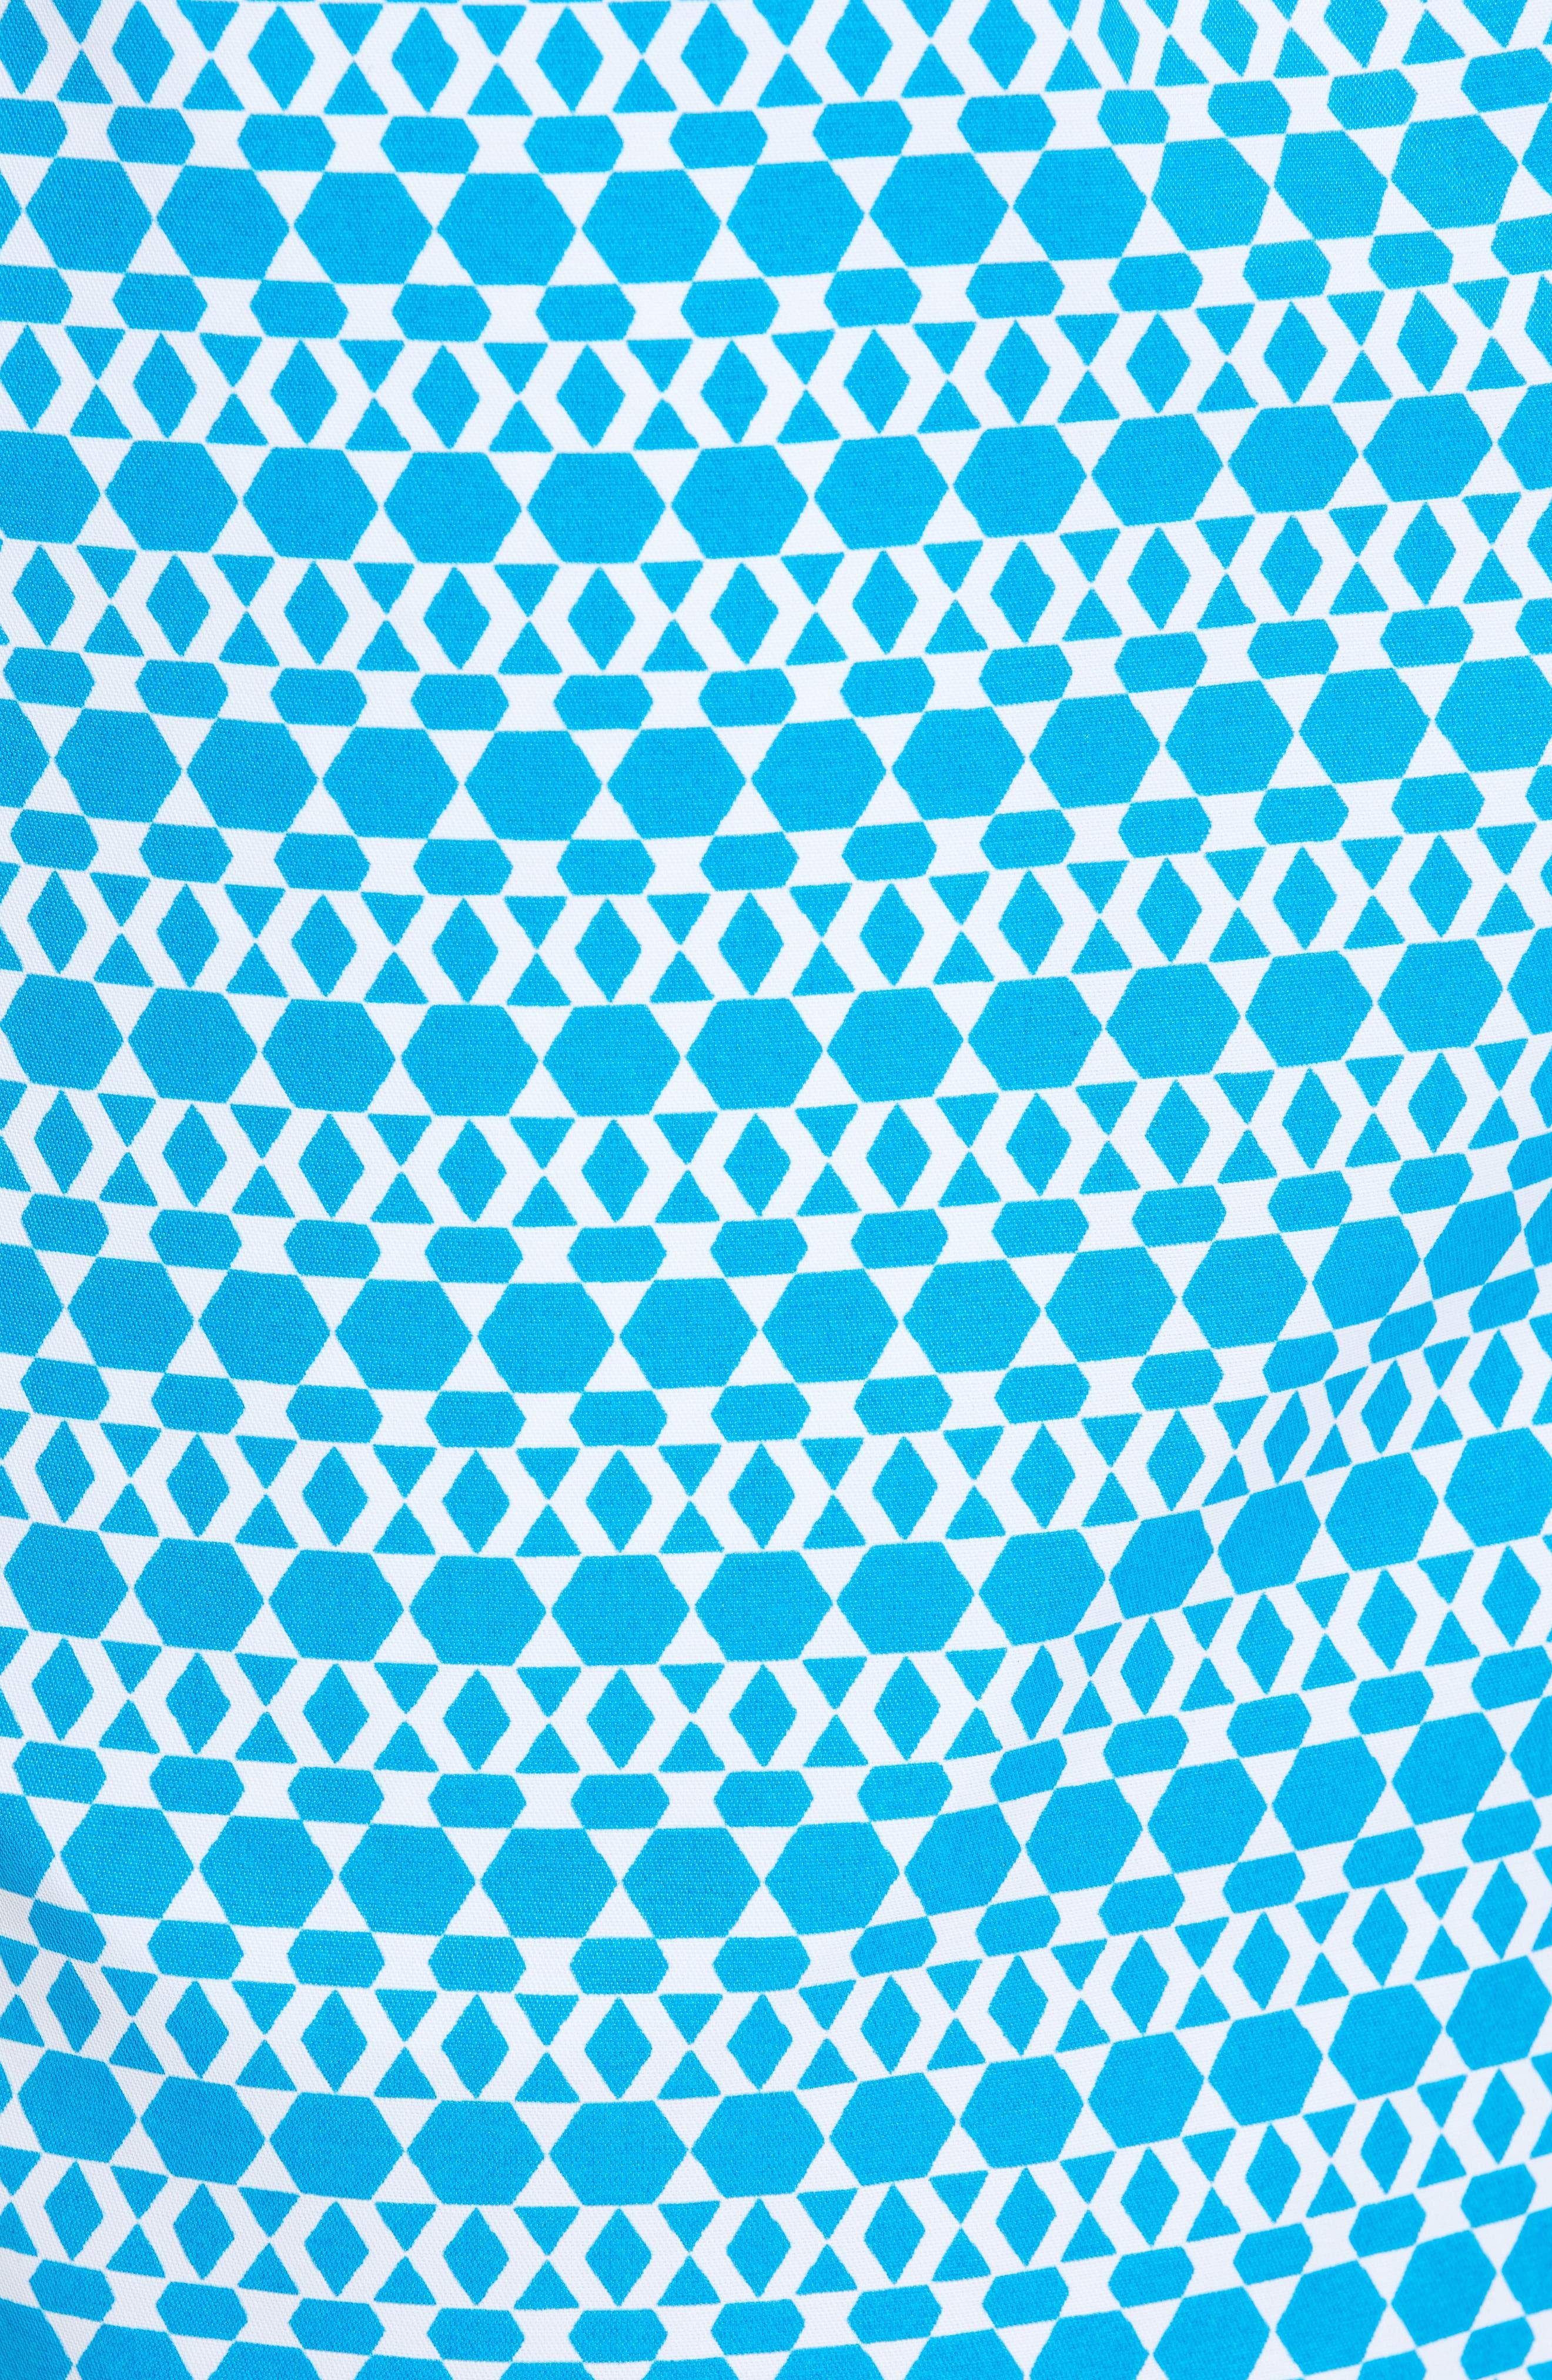 Mr. Swim Hexagon Stripe Swim Trunks,                             Alternate thumbnail 5, color,                             NAVY